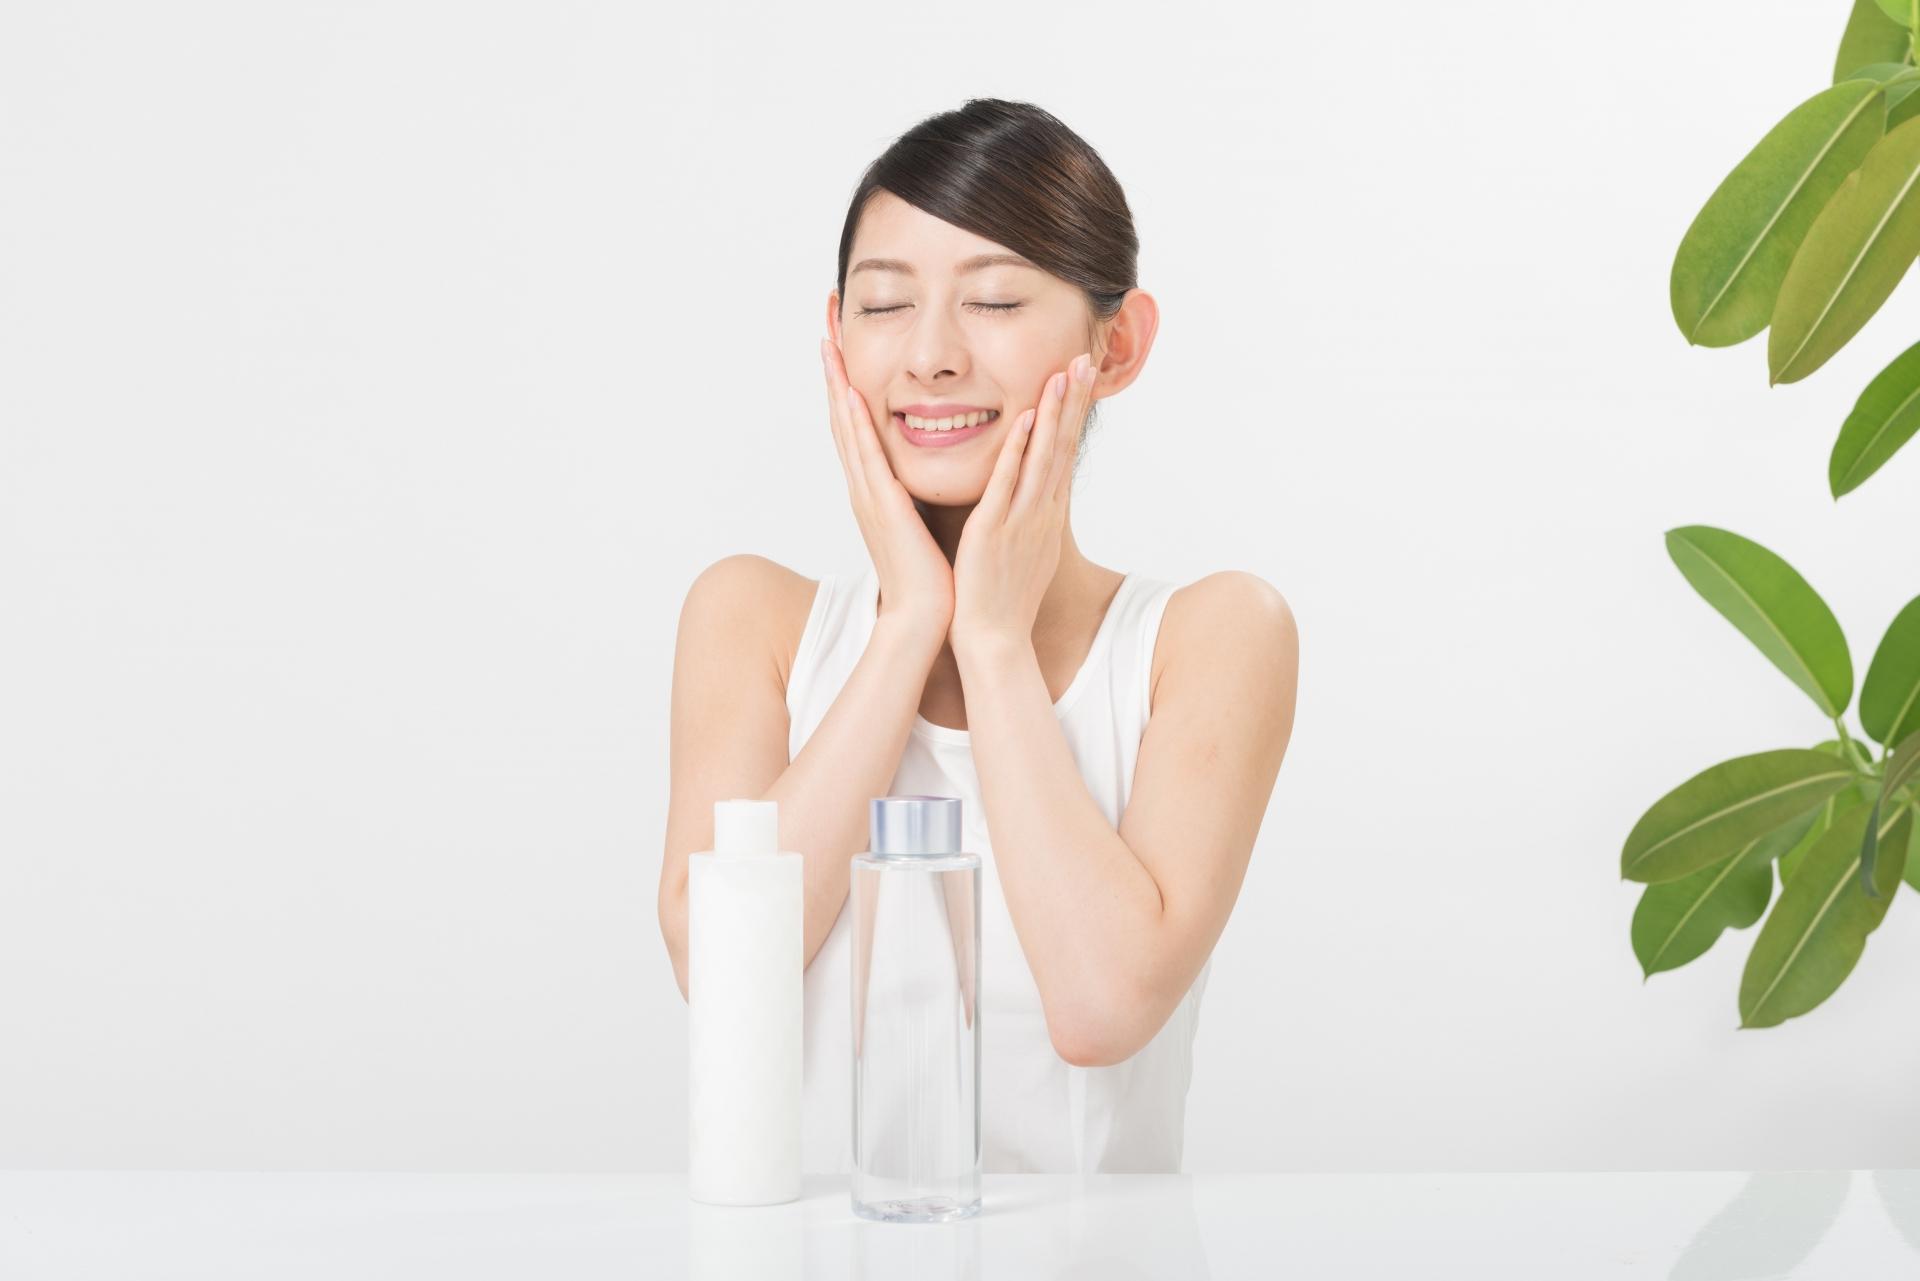 肌トラブルからみる基礎化粧品は複数お金をかけるべきか?